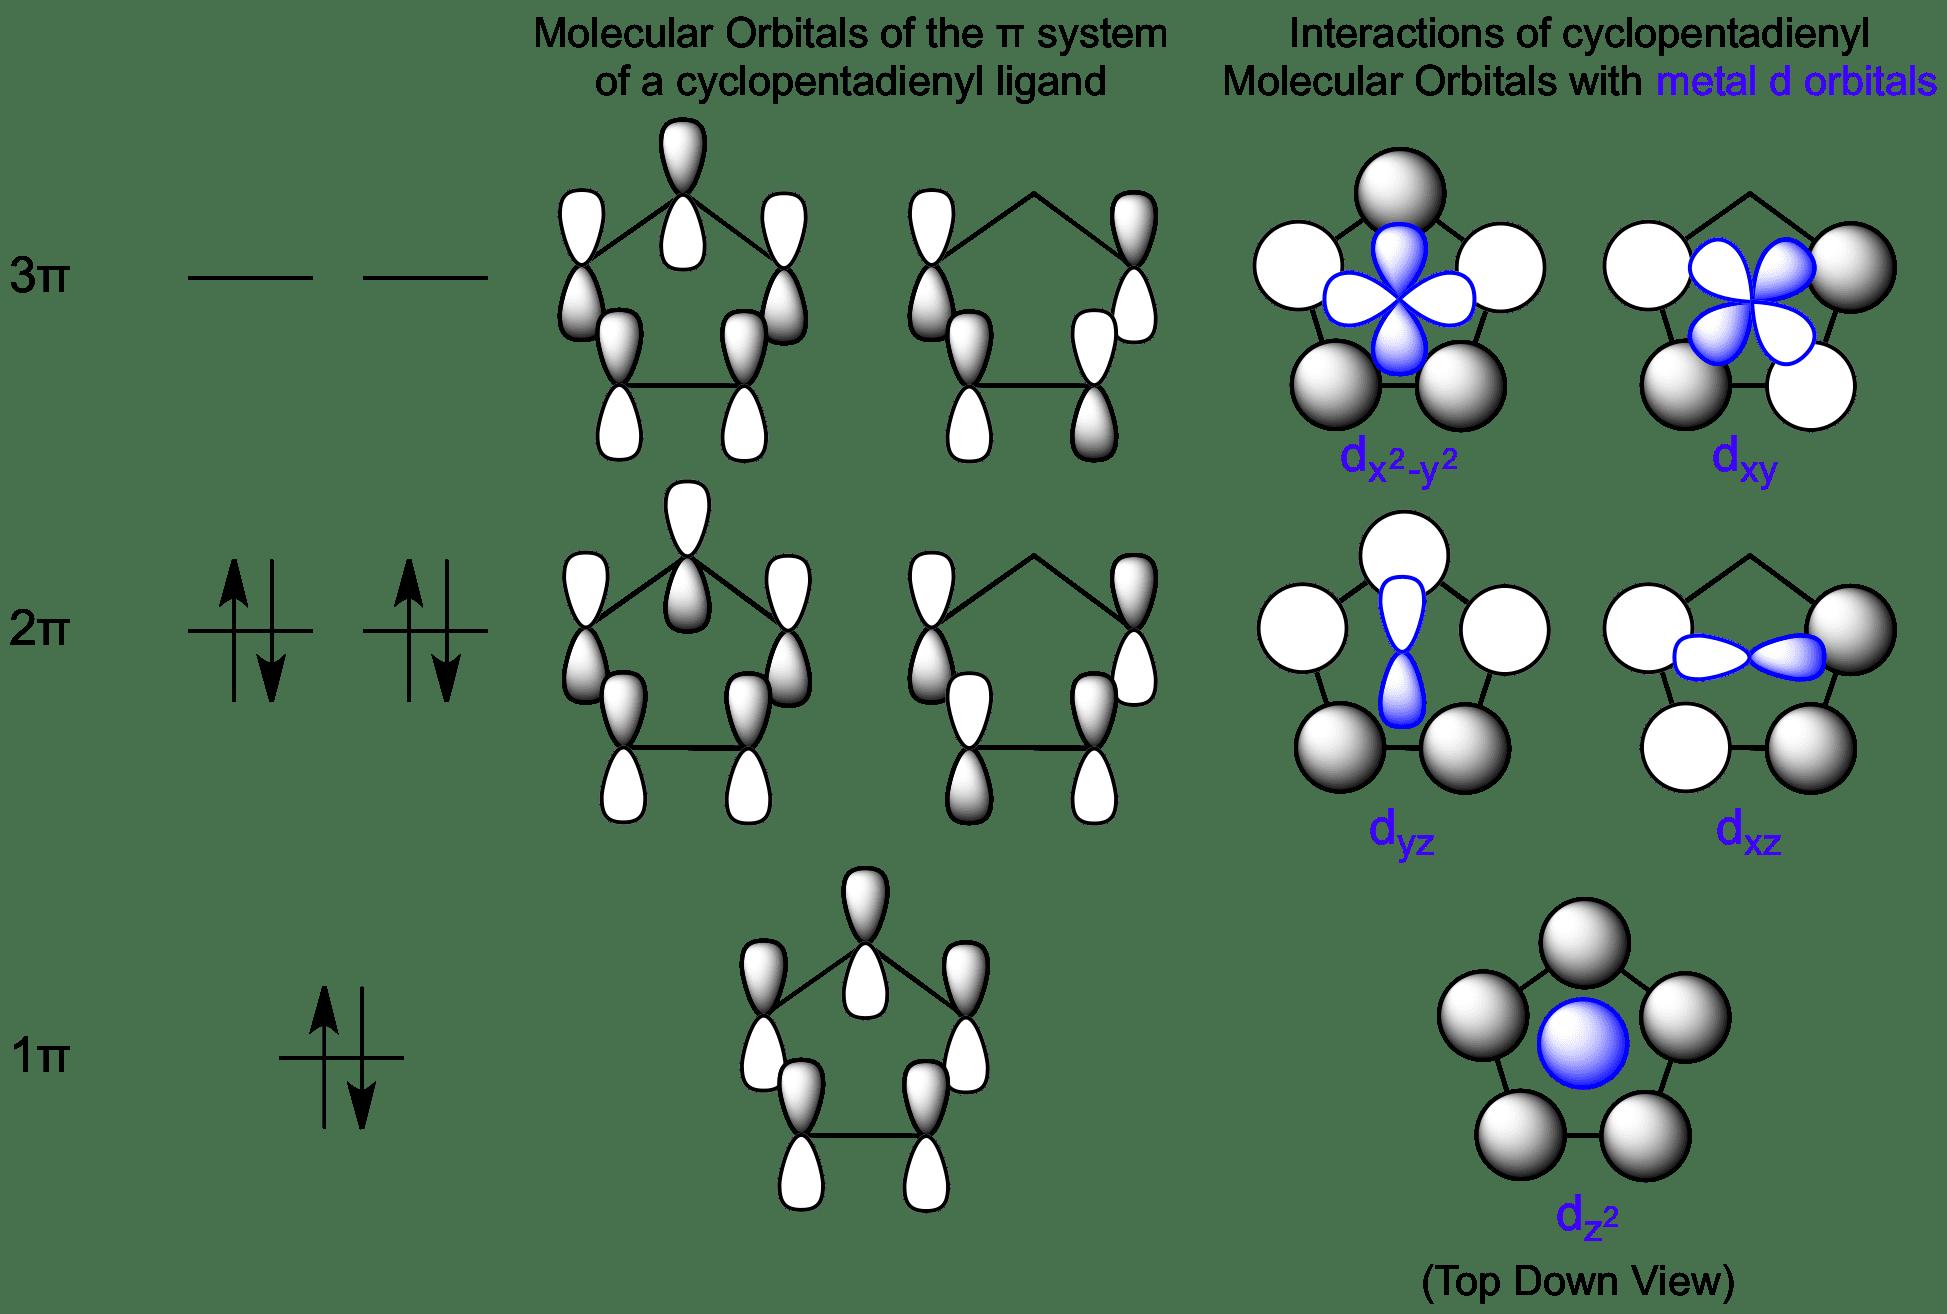 Interactions between cyclopentadienyl molecular orbitals and metal view cyclopentadienyl molecular orbitals here pooptronica